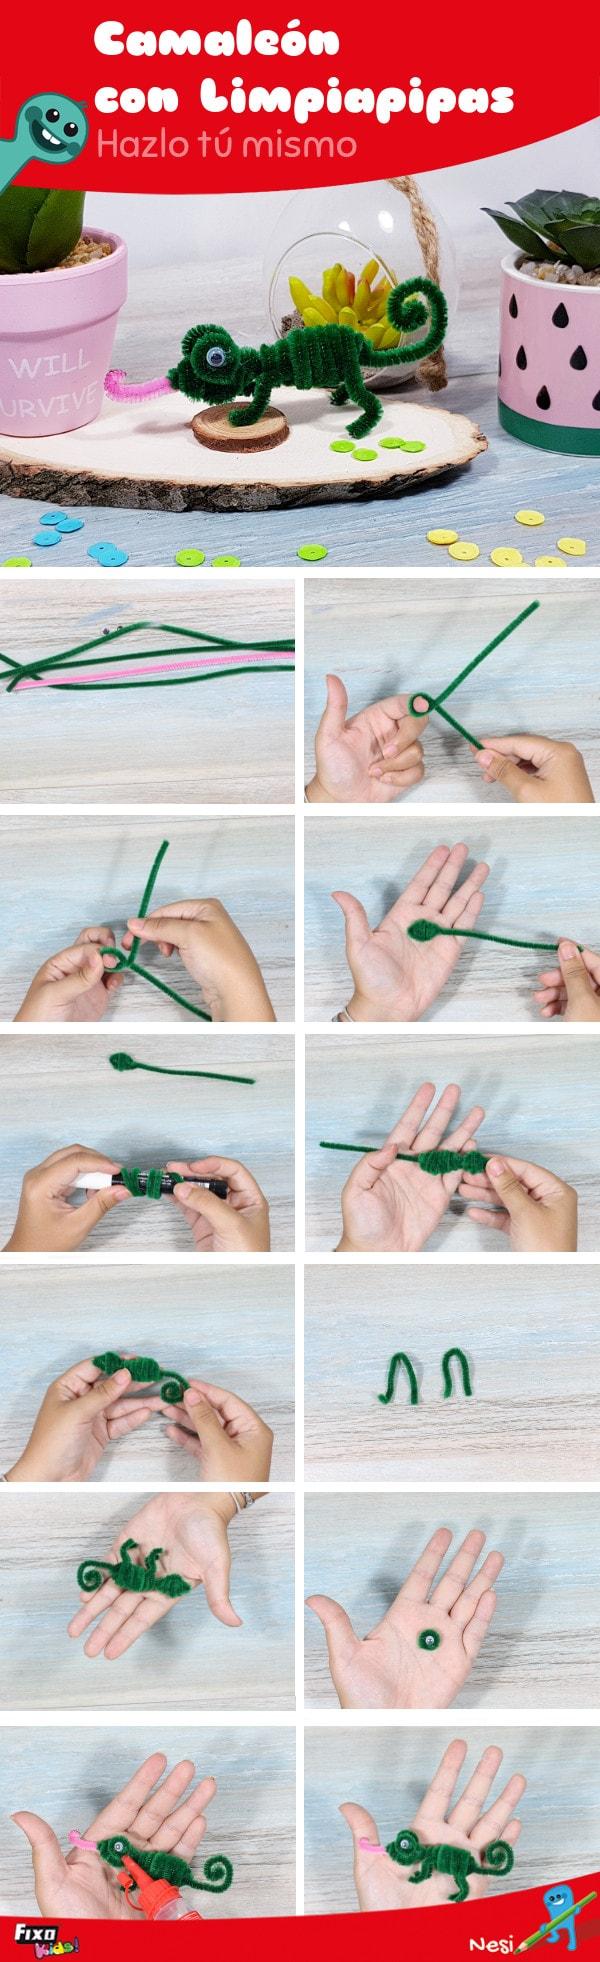 manualidad infantil: cómo hacer un camaleón paso a paso